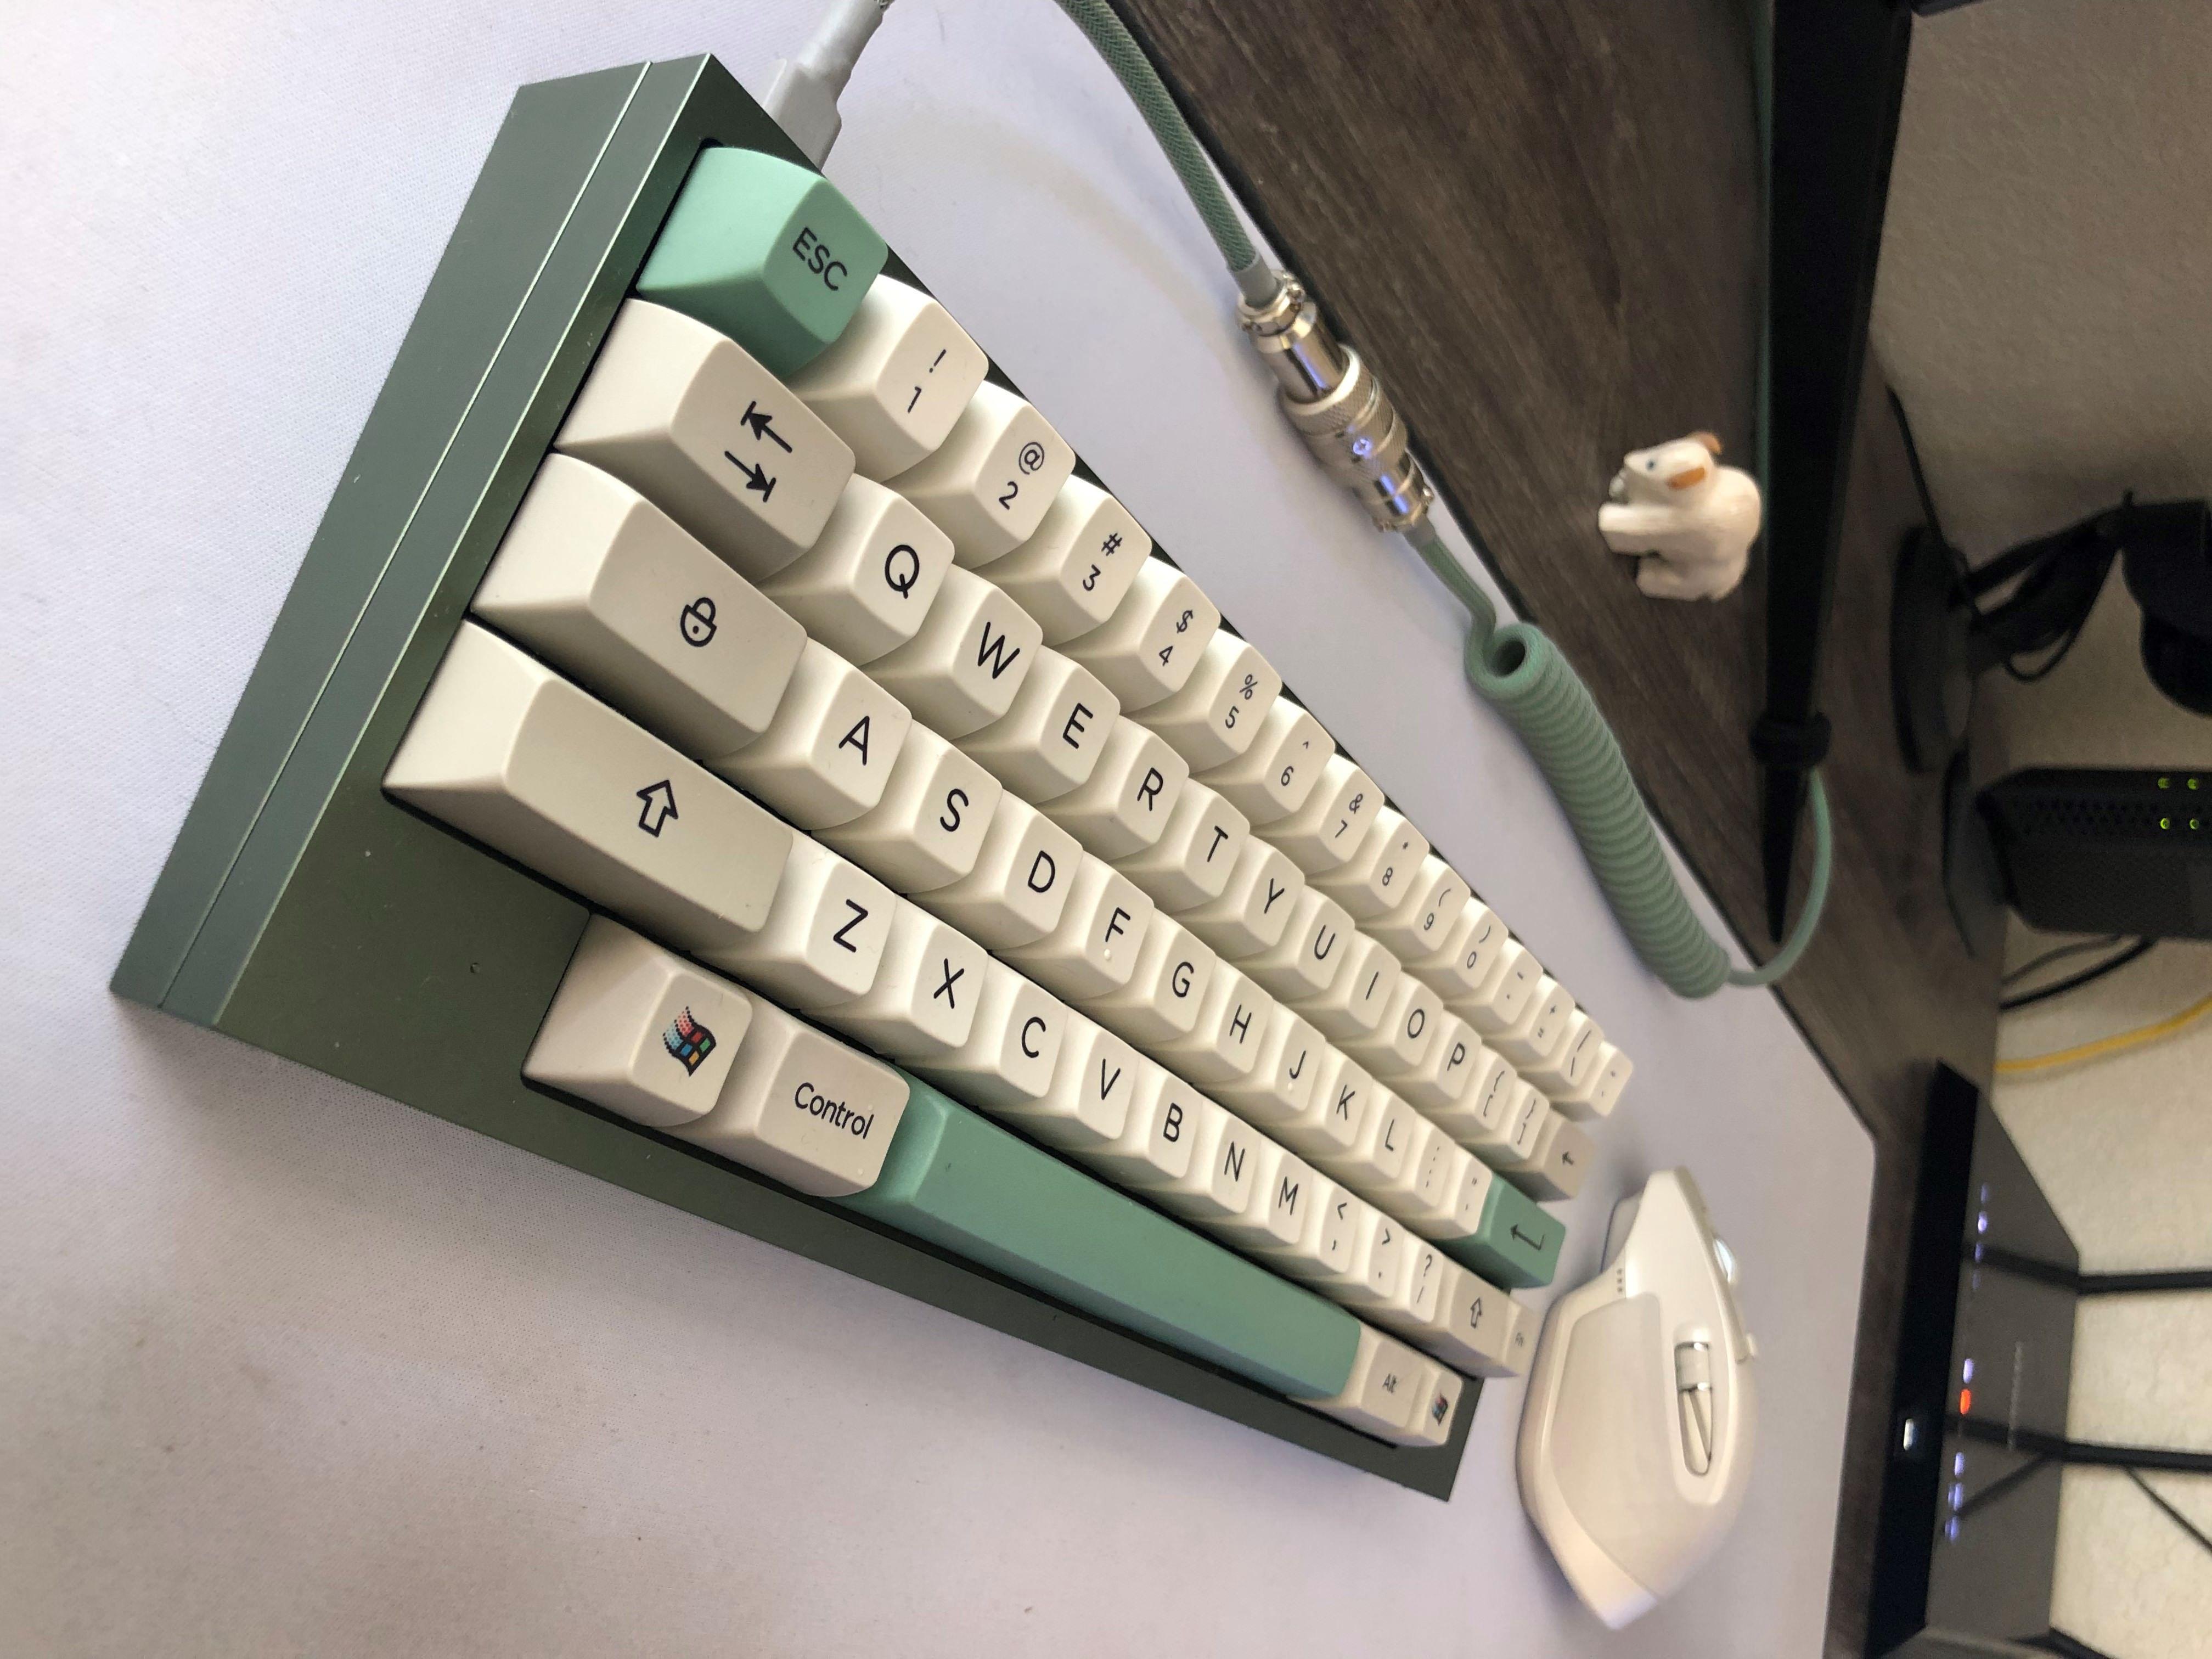 Pin On Keyboard